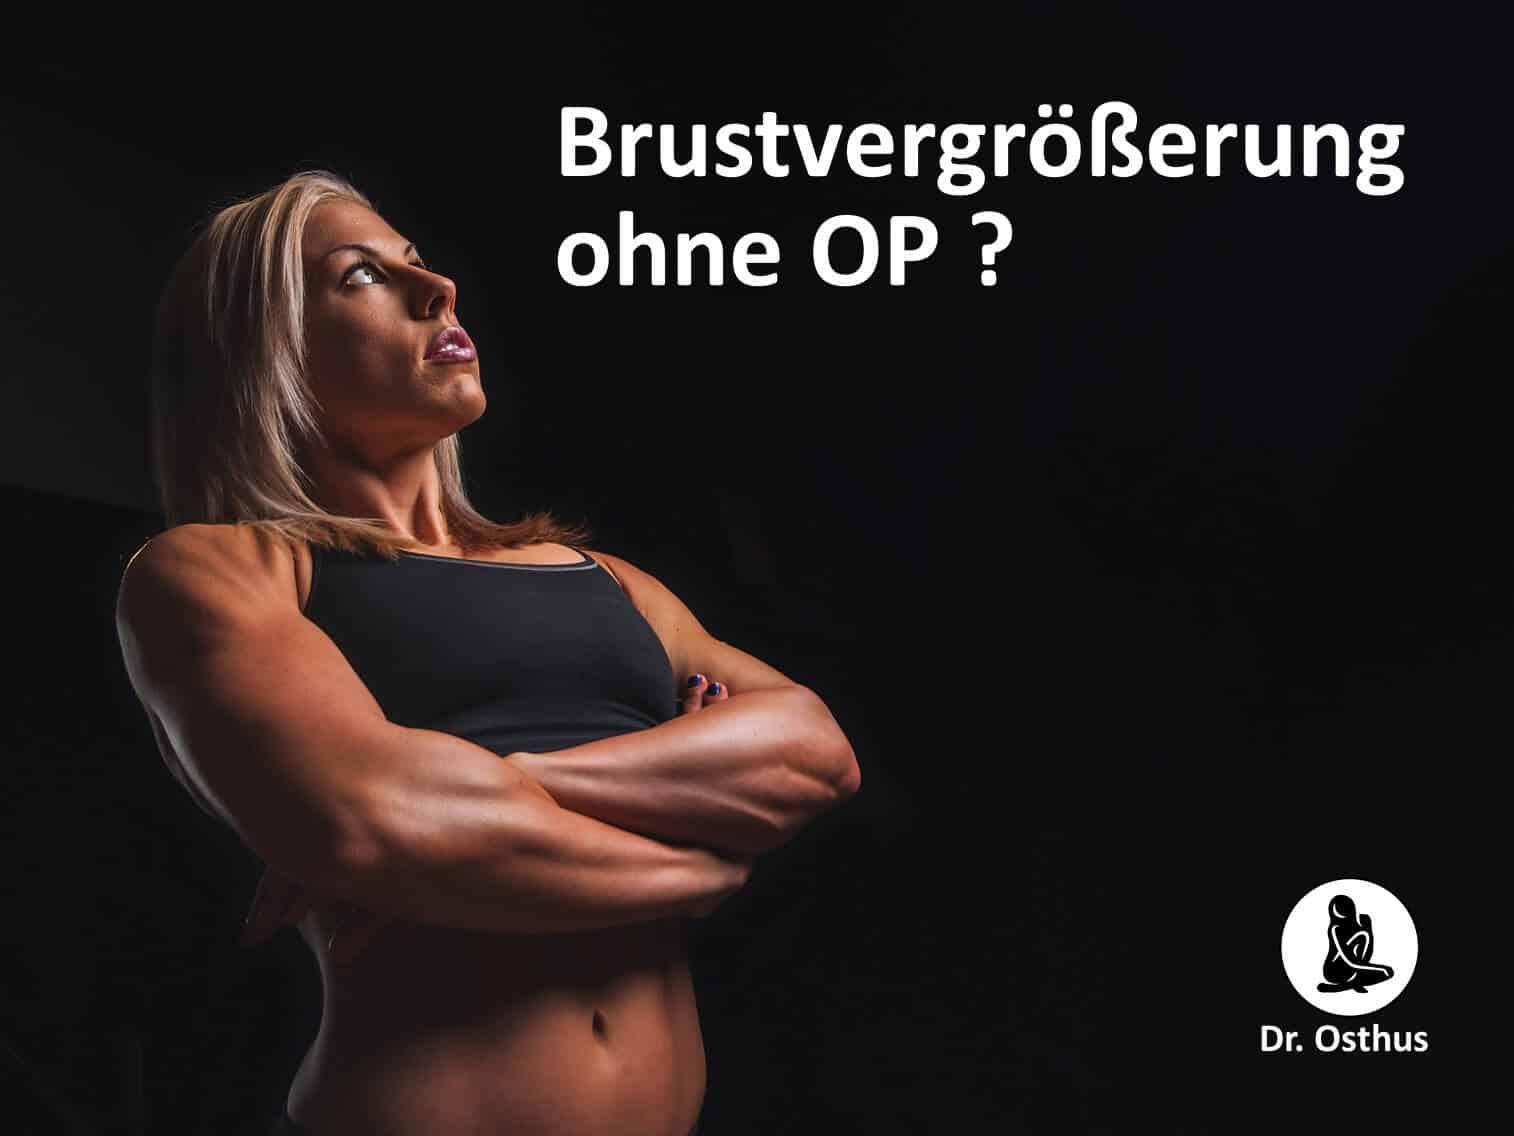 Lassen sich Brüste ohne OP vergrößern? Brustvergrößerung ohne OP möglich?